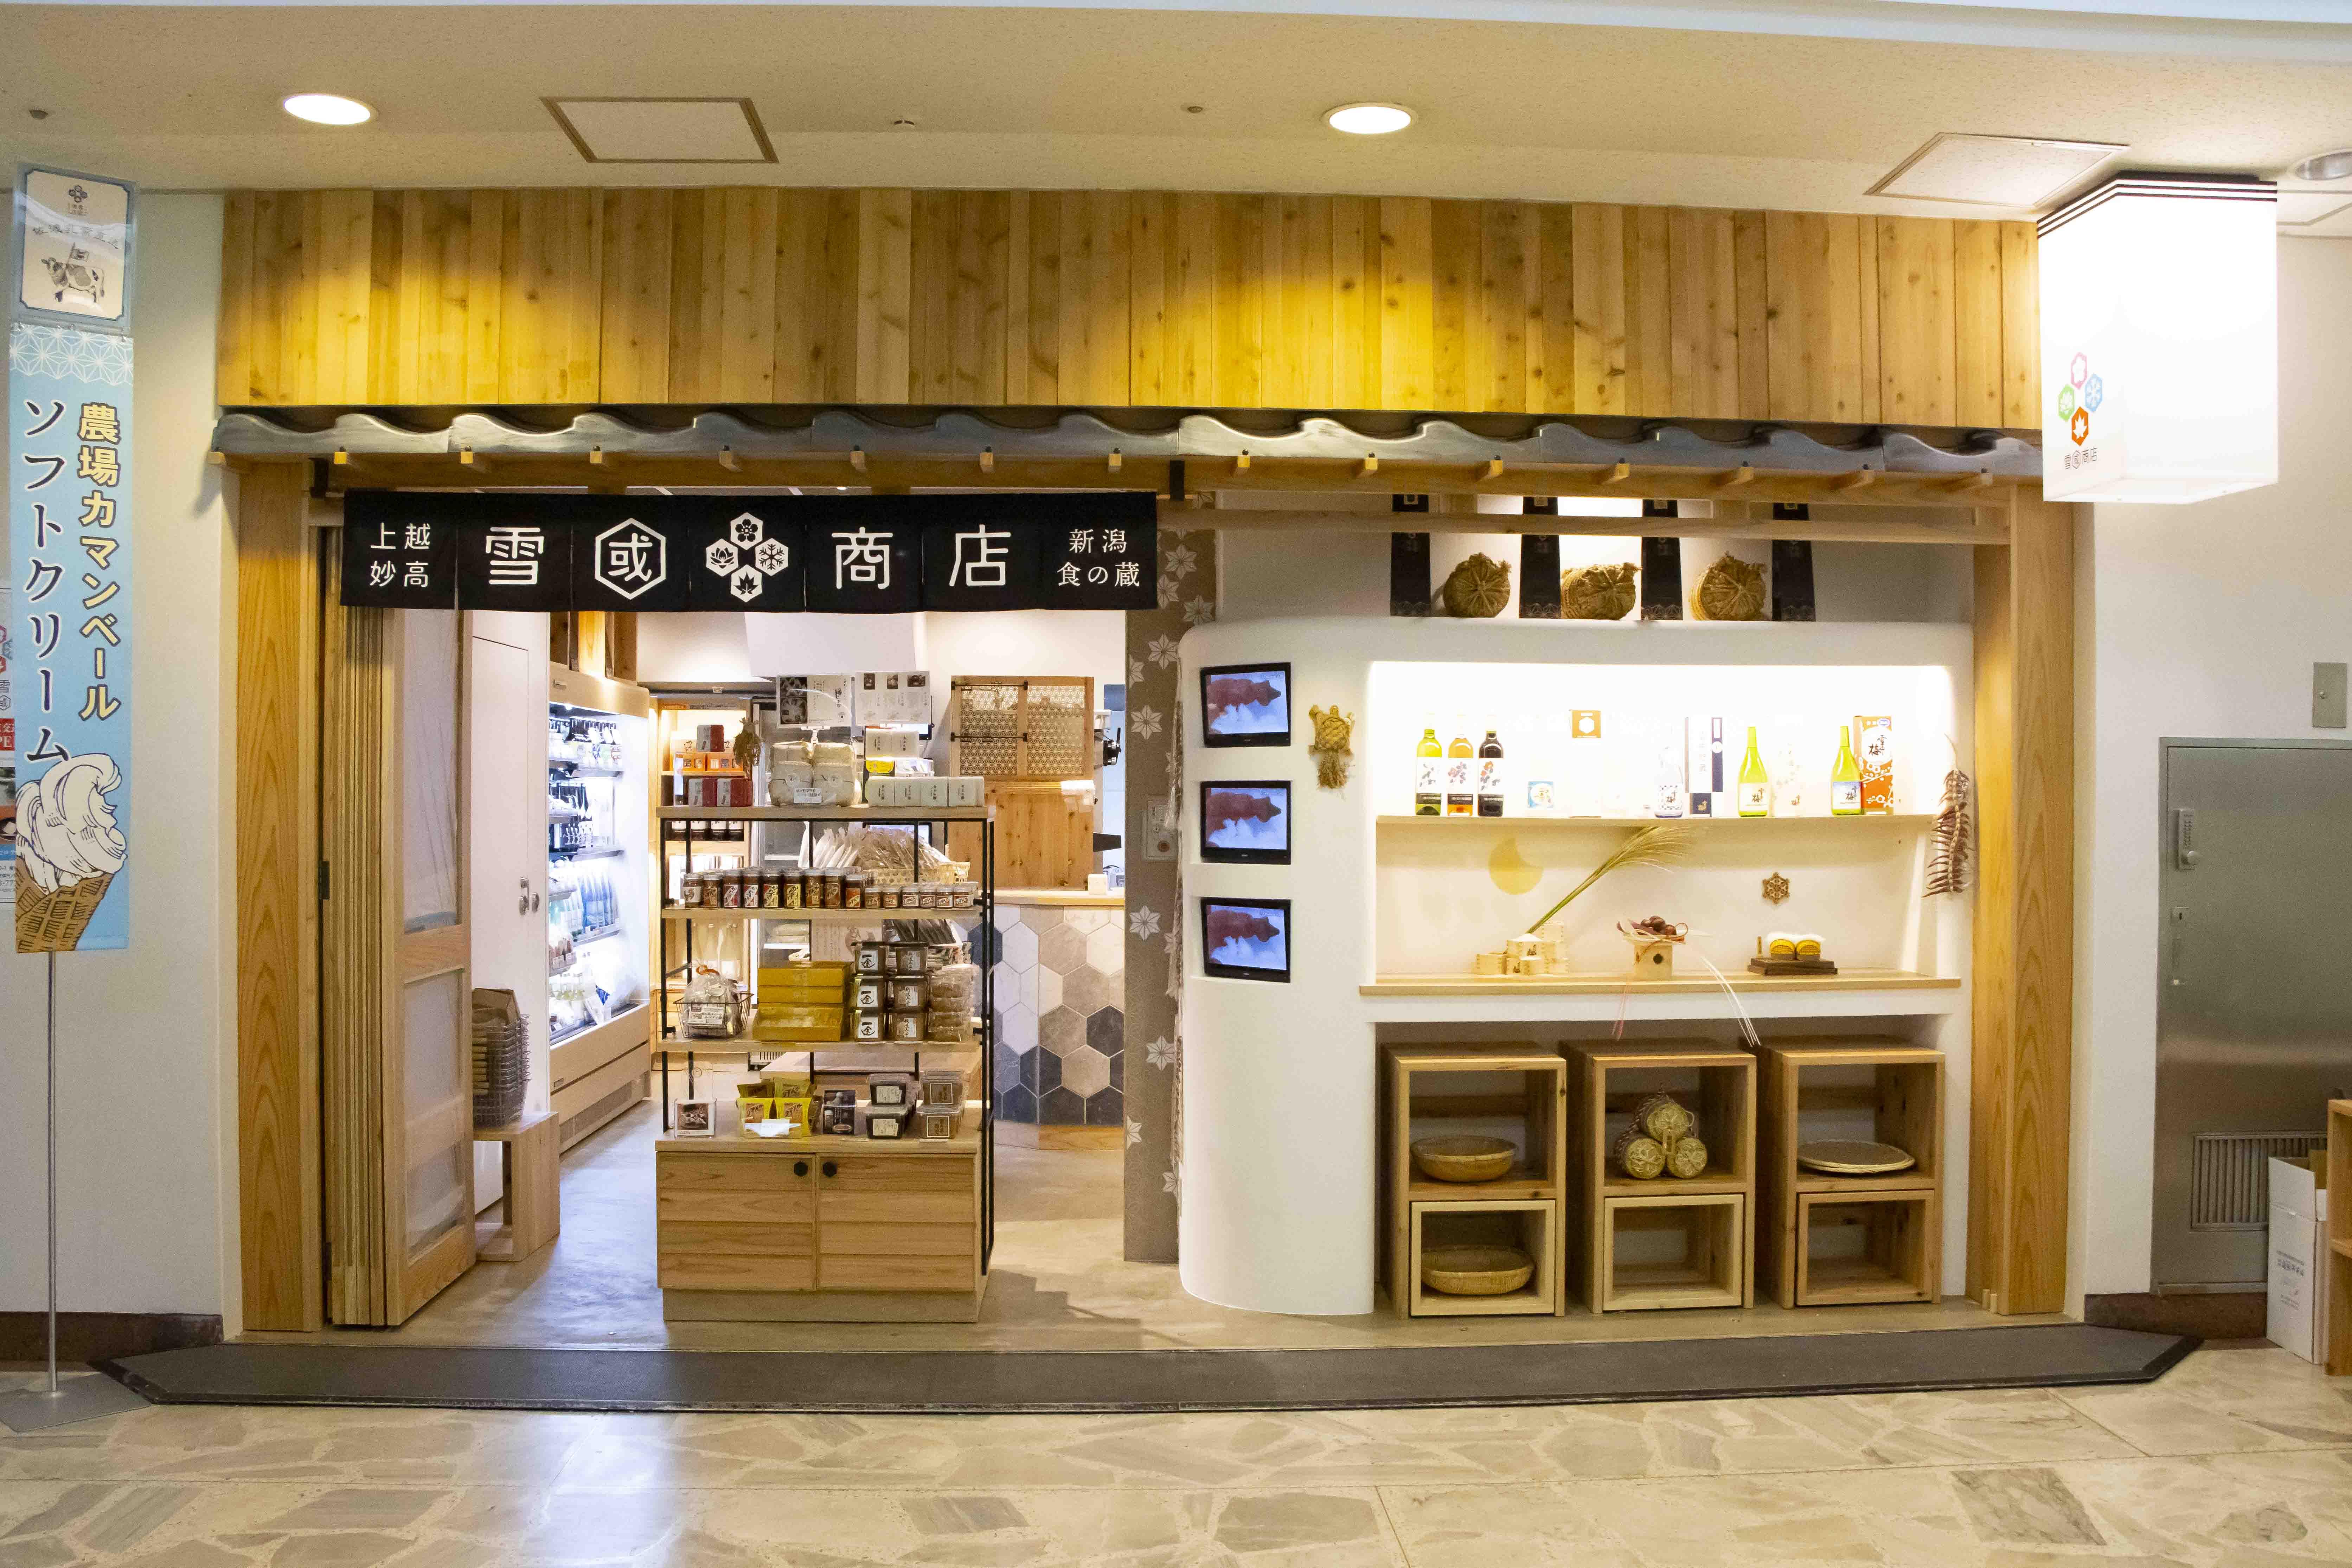 雪國商店店舗写真